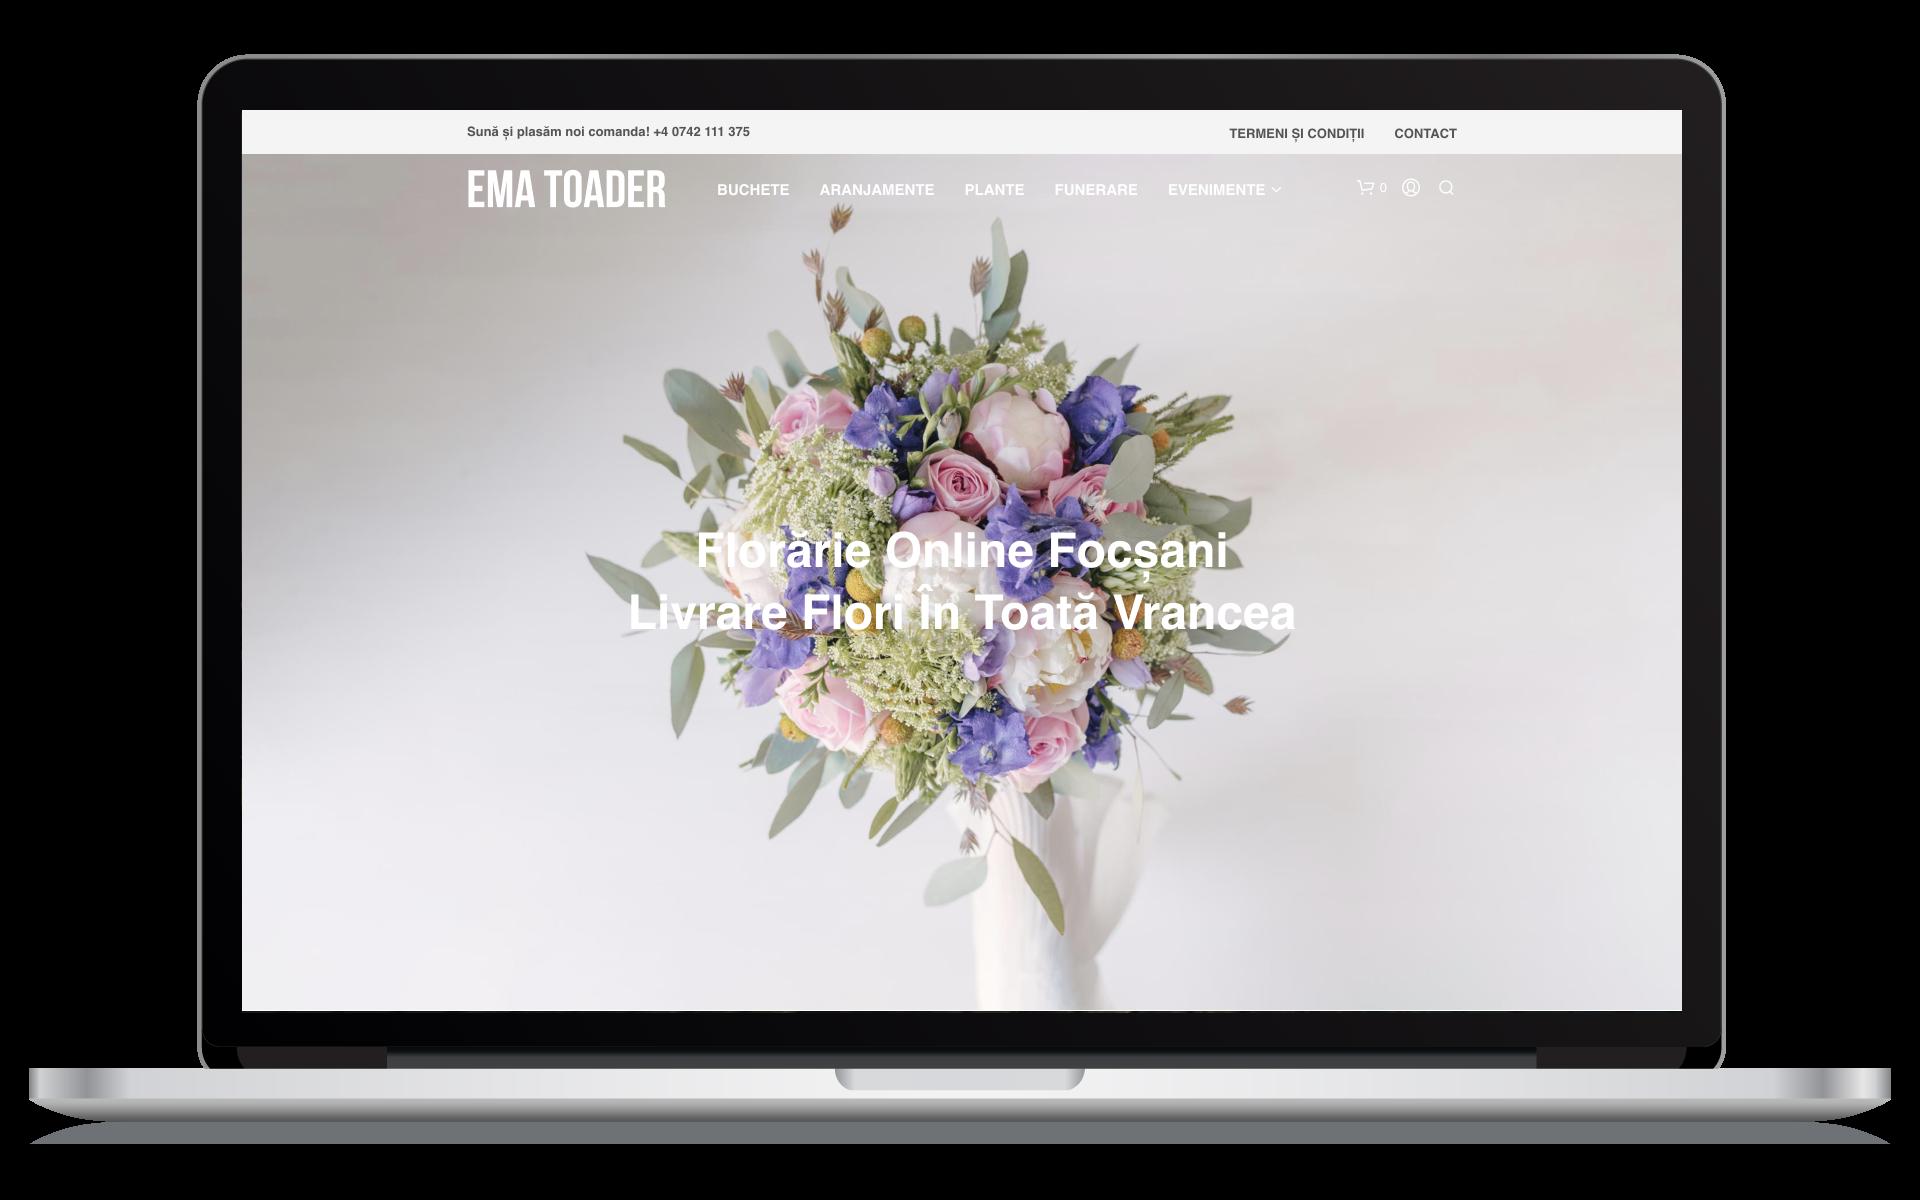 Crea un sito web per fioristi online